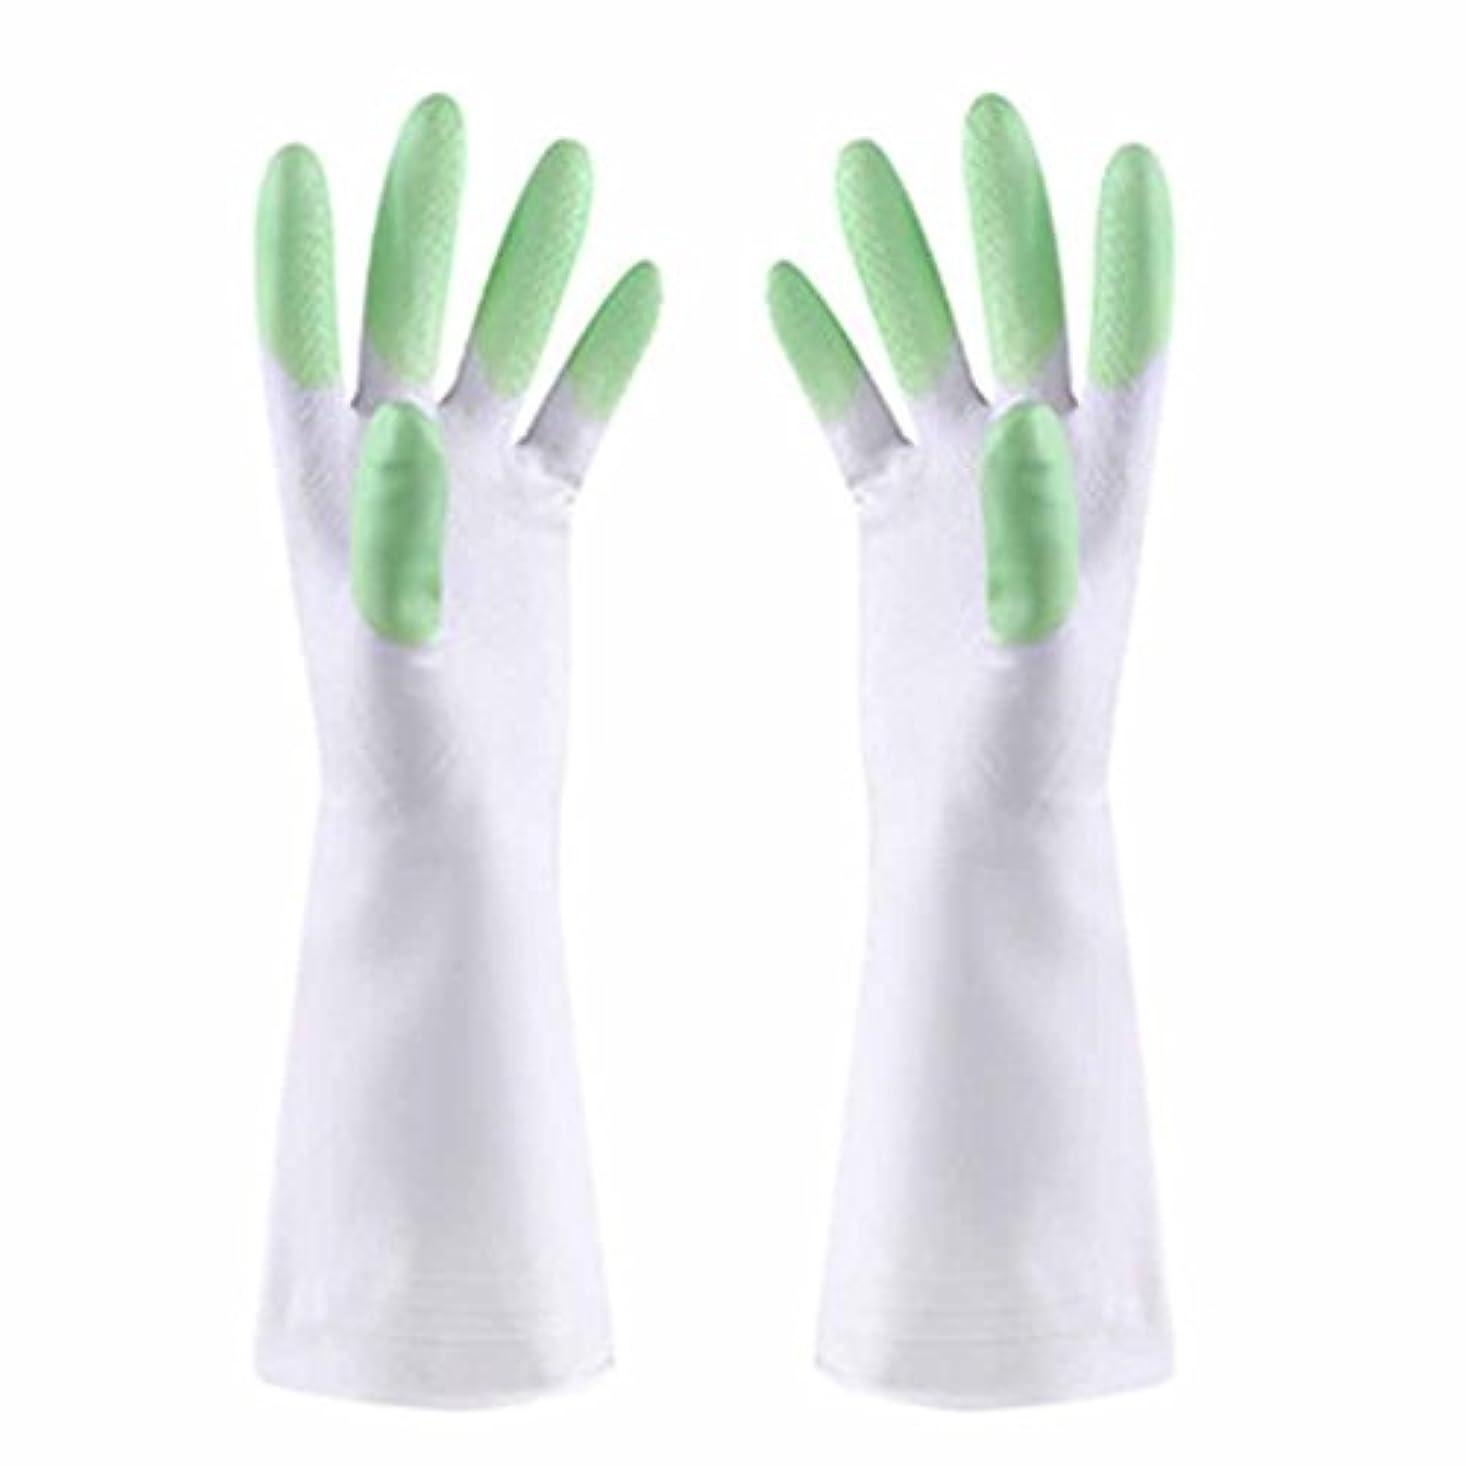 転倒北米ブレンド使い捨て手袋 防水性と耐油性の薄い手袋PVCスマートで耐久性の高いキッチン多機能手袋 (Color : Green)